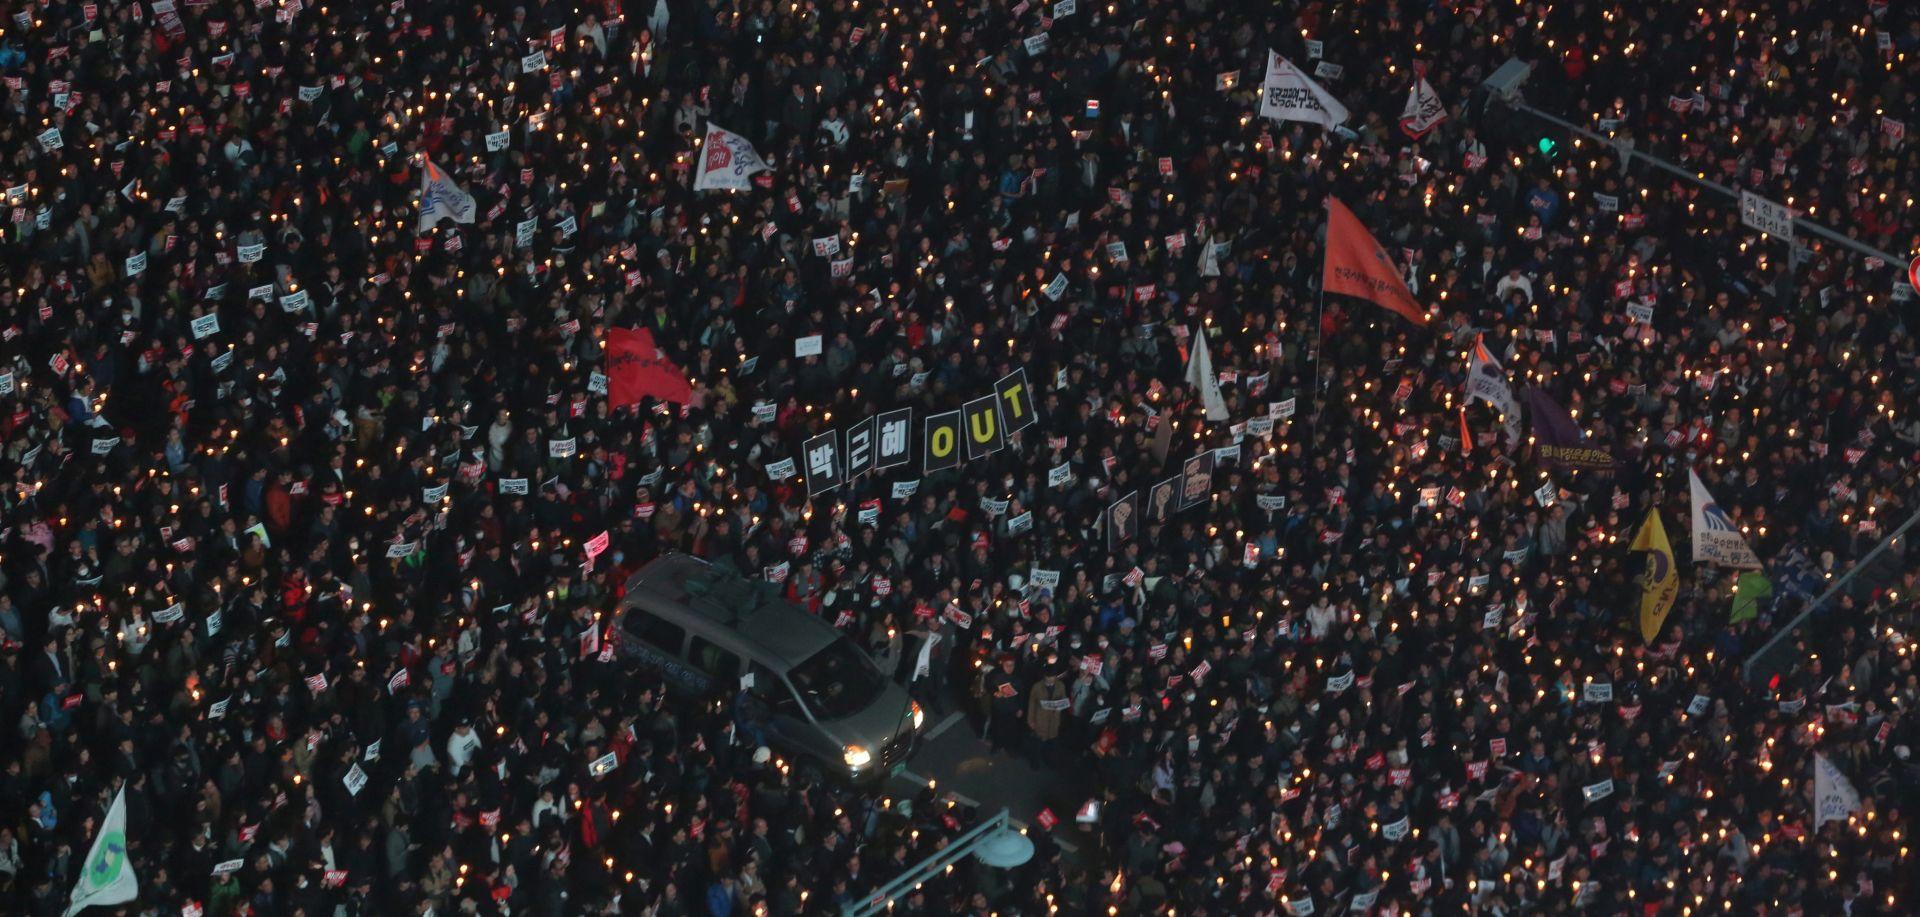 Deseci tisuća ljudi prosvjedovali u Seulu tražeći ostavku predsjednice